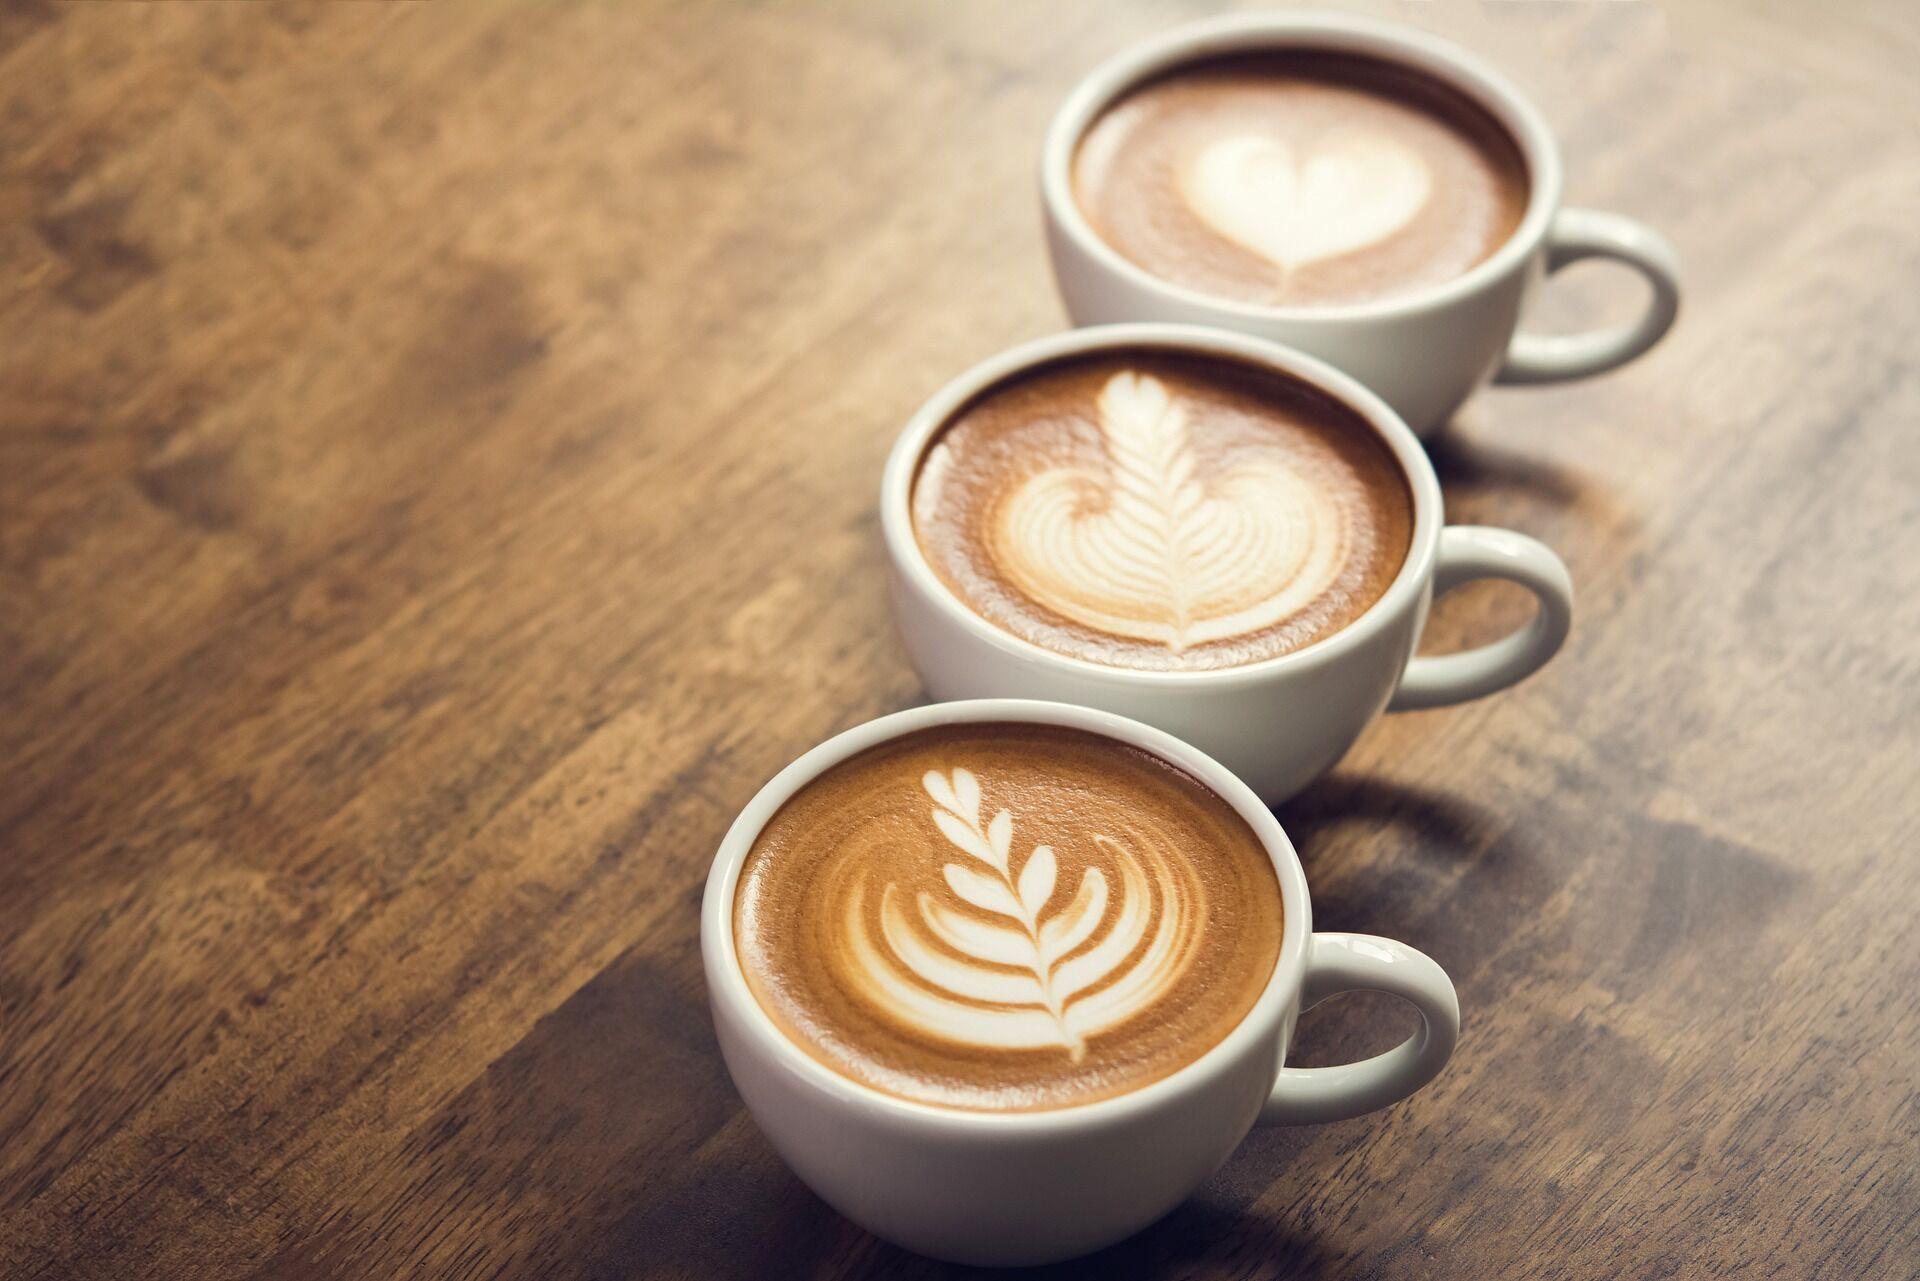 Кофе на ночь лучше не пить